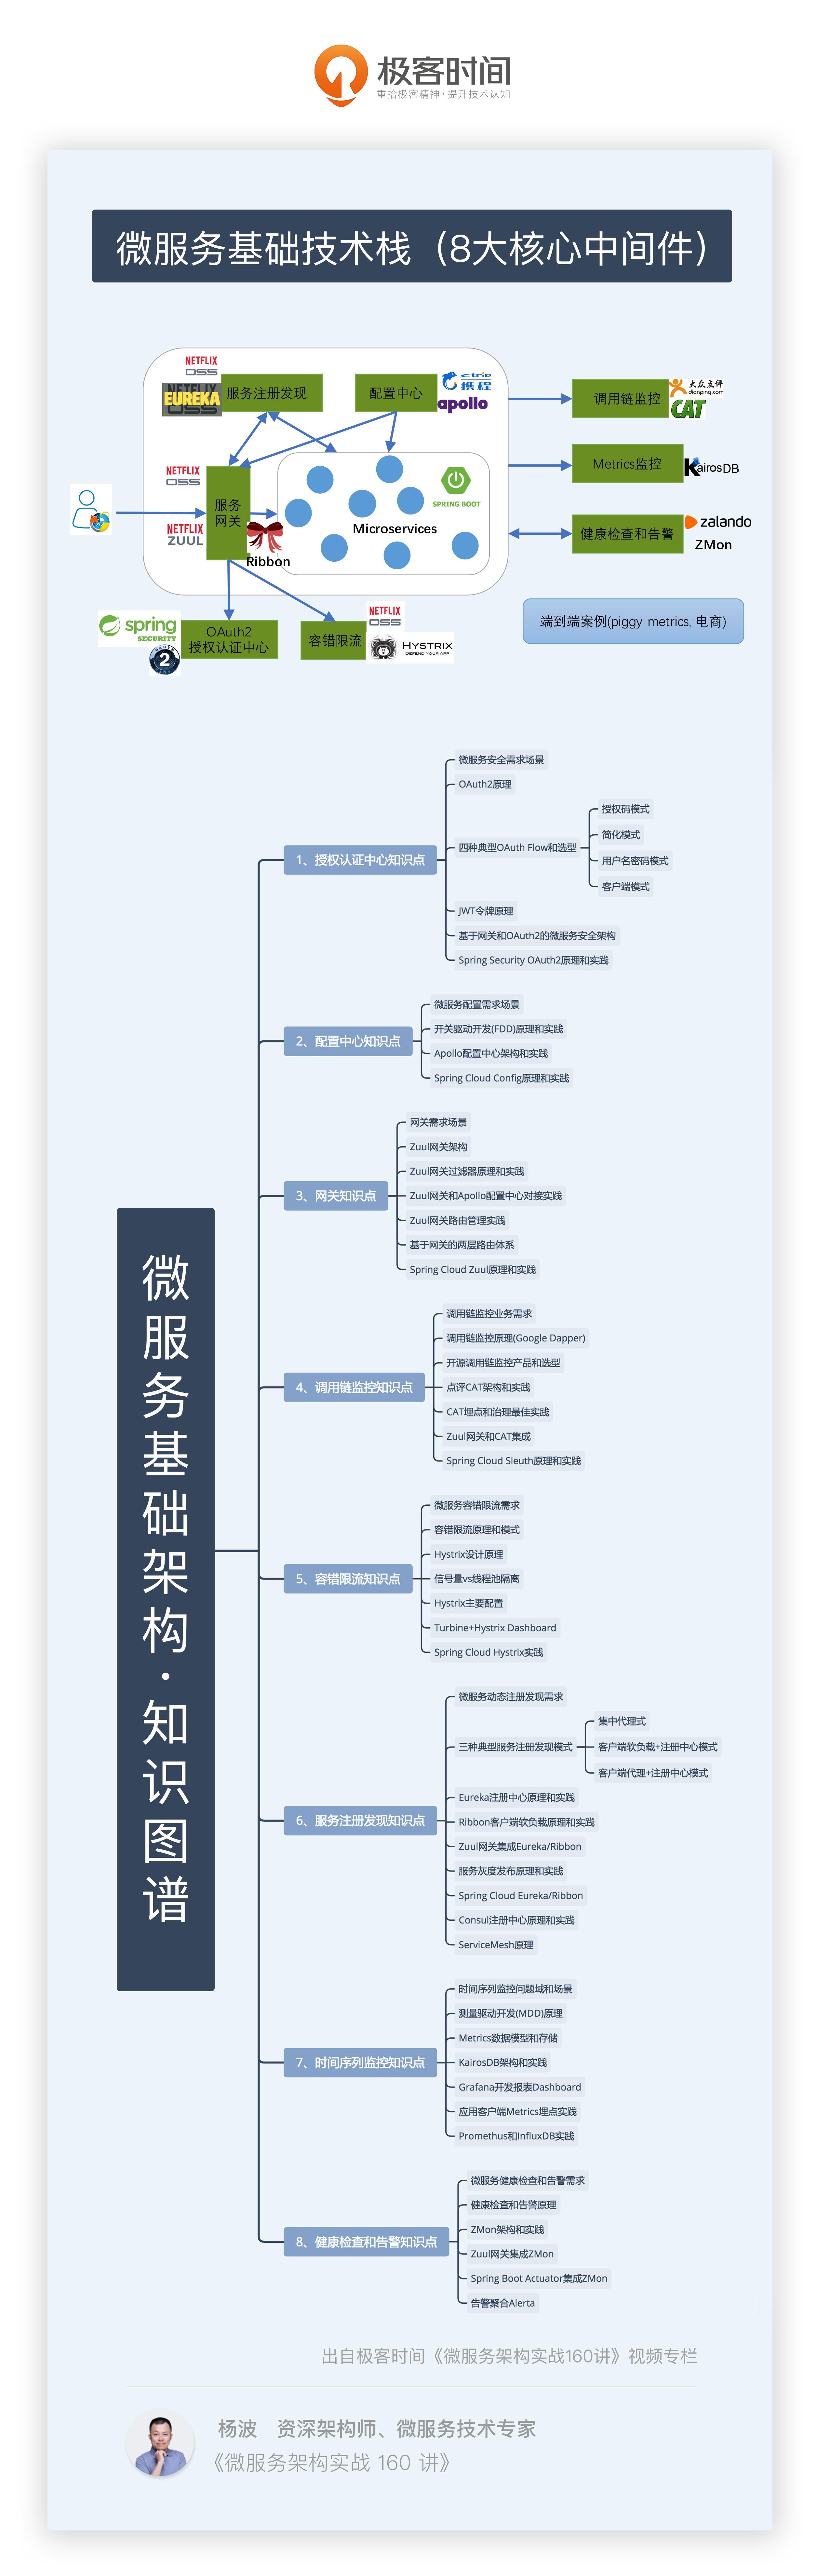 20190324-微服务基础架构知识图谱.PNG